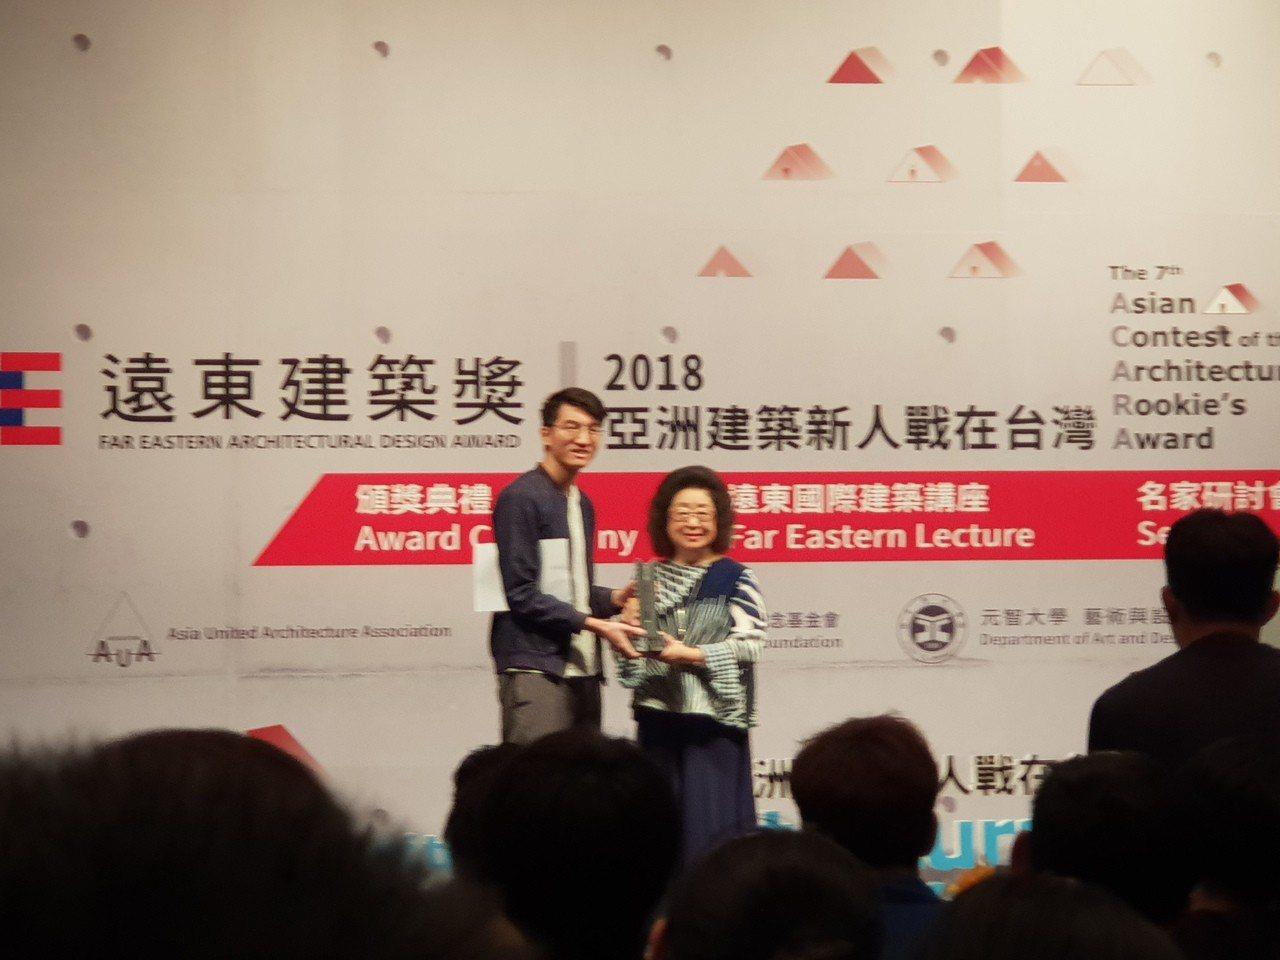 遠東集團舉辦「第七屆亞洲建築新人戰」。記者陳宛茜/攝影